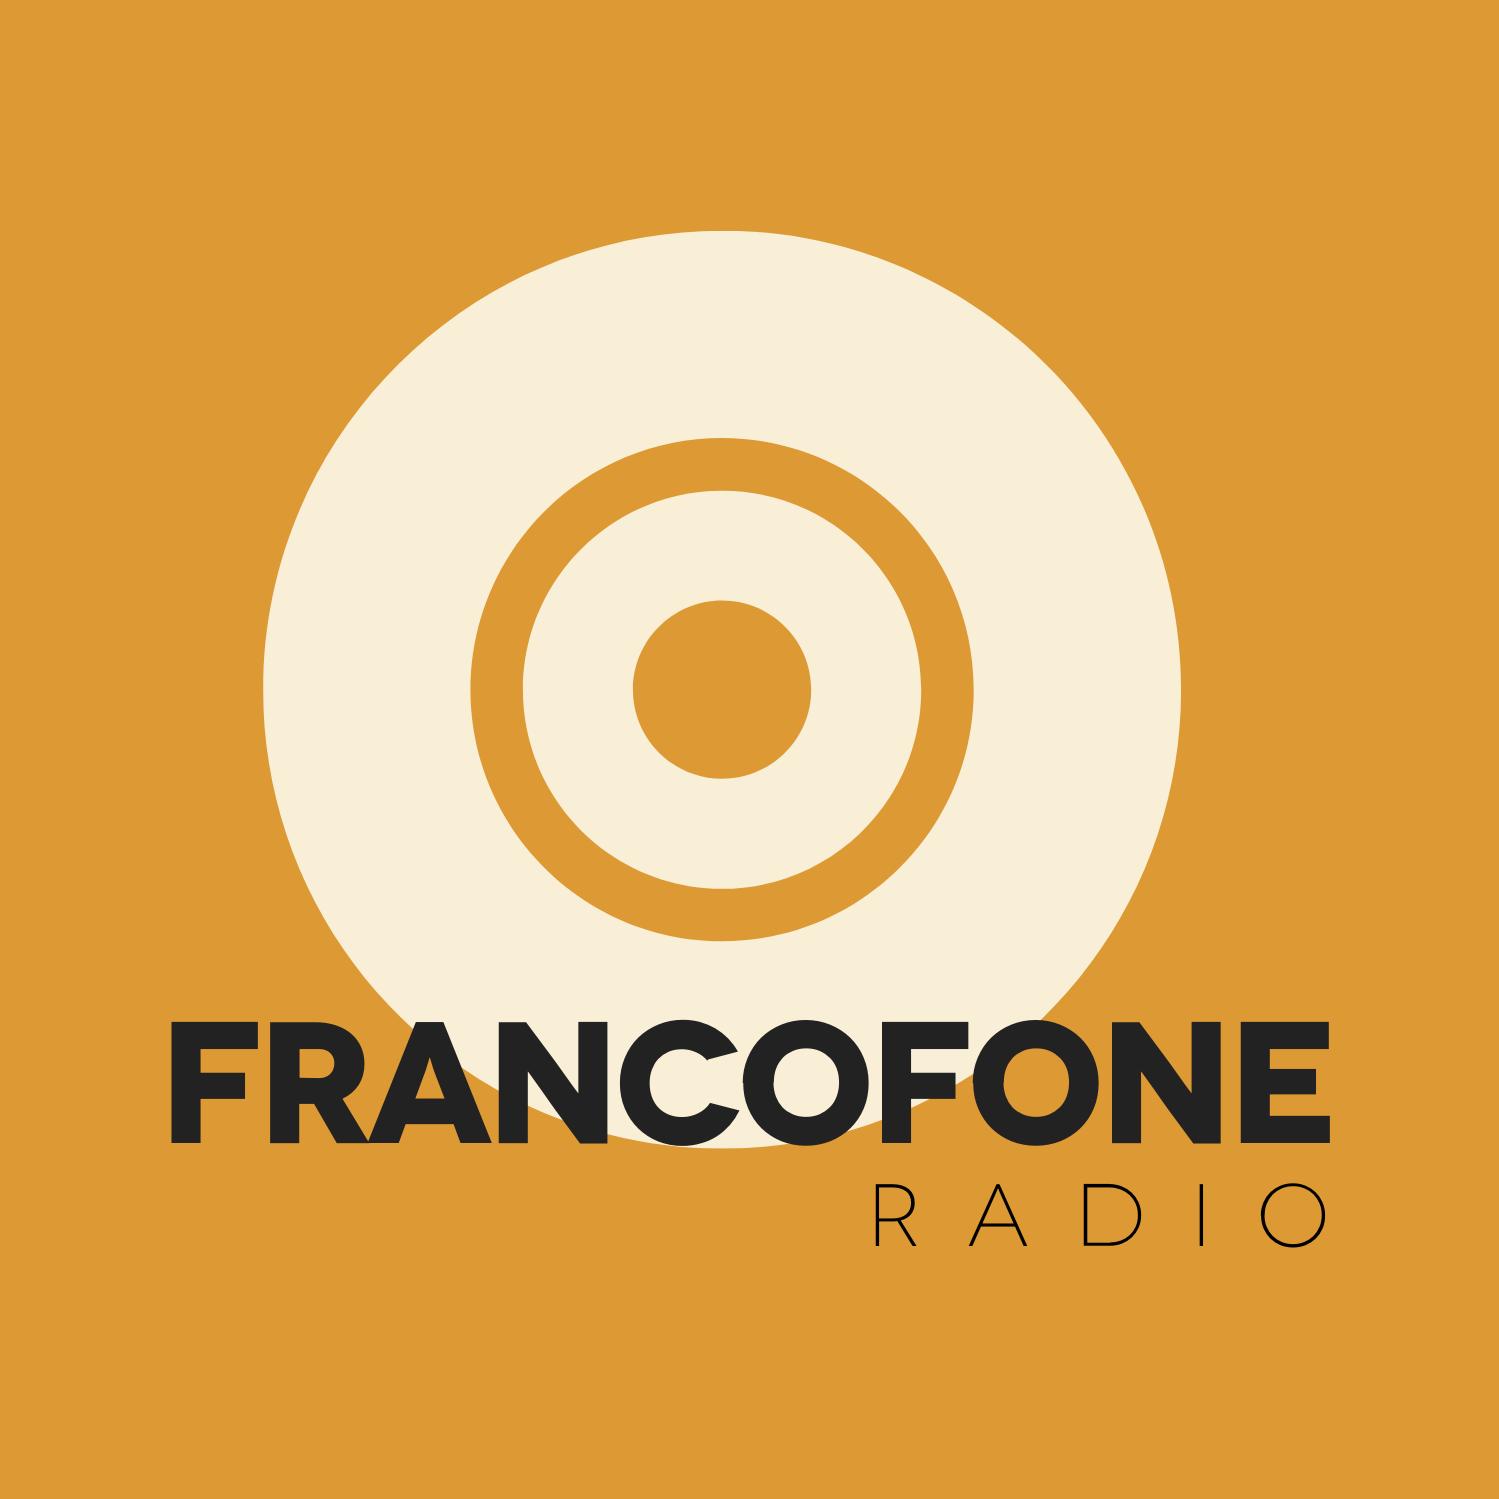 Francofone Radio